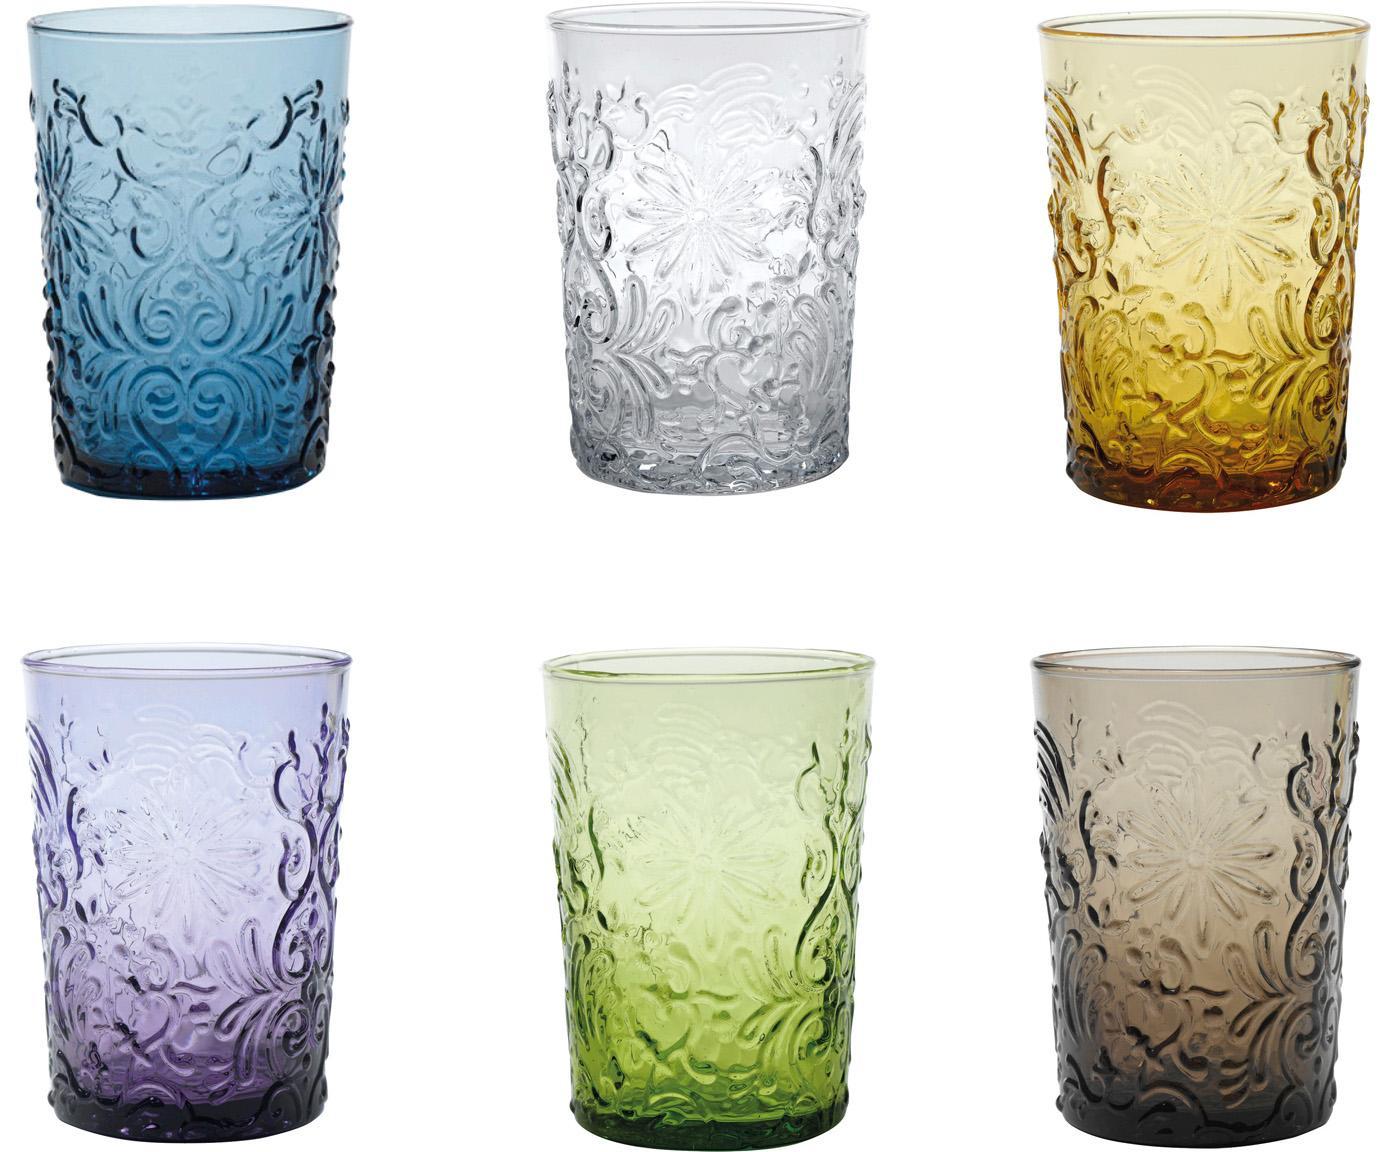 Mundgeblasene Wassergläser Barocco mit Blumenrelief, 6er-Set, Glas, Mehrfarbig, Ø 8 x H 10 cm